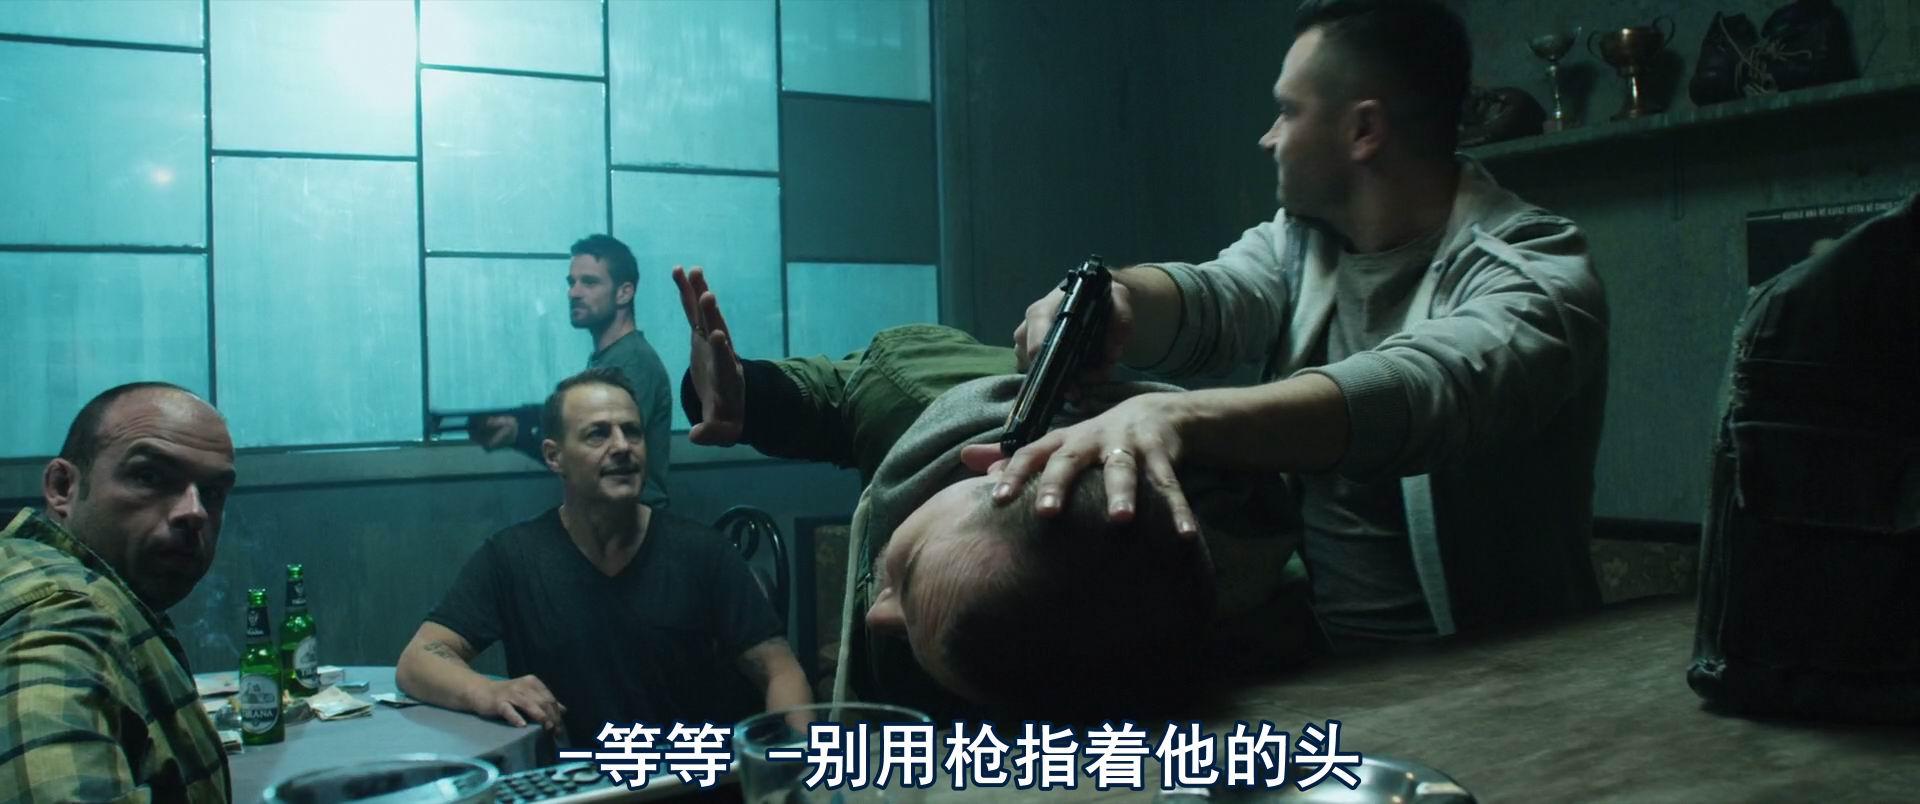 {2019动作]《勇敢者》[1080p.HD英语中字][有水印]